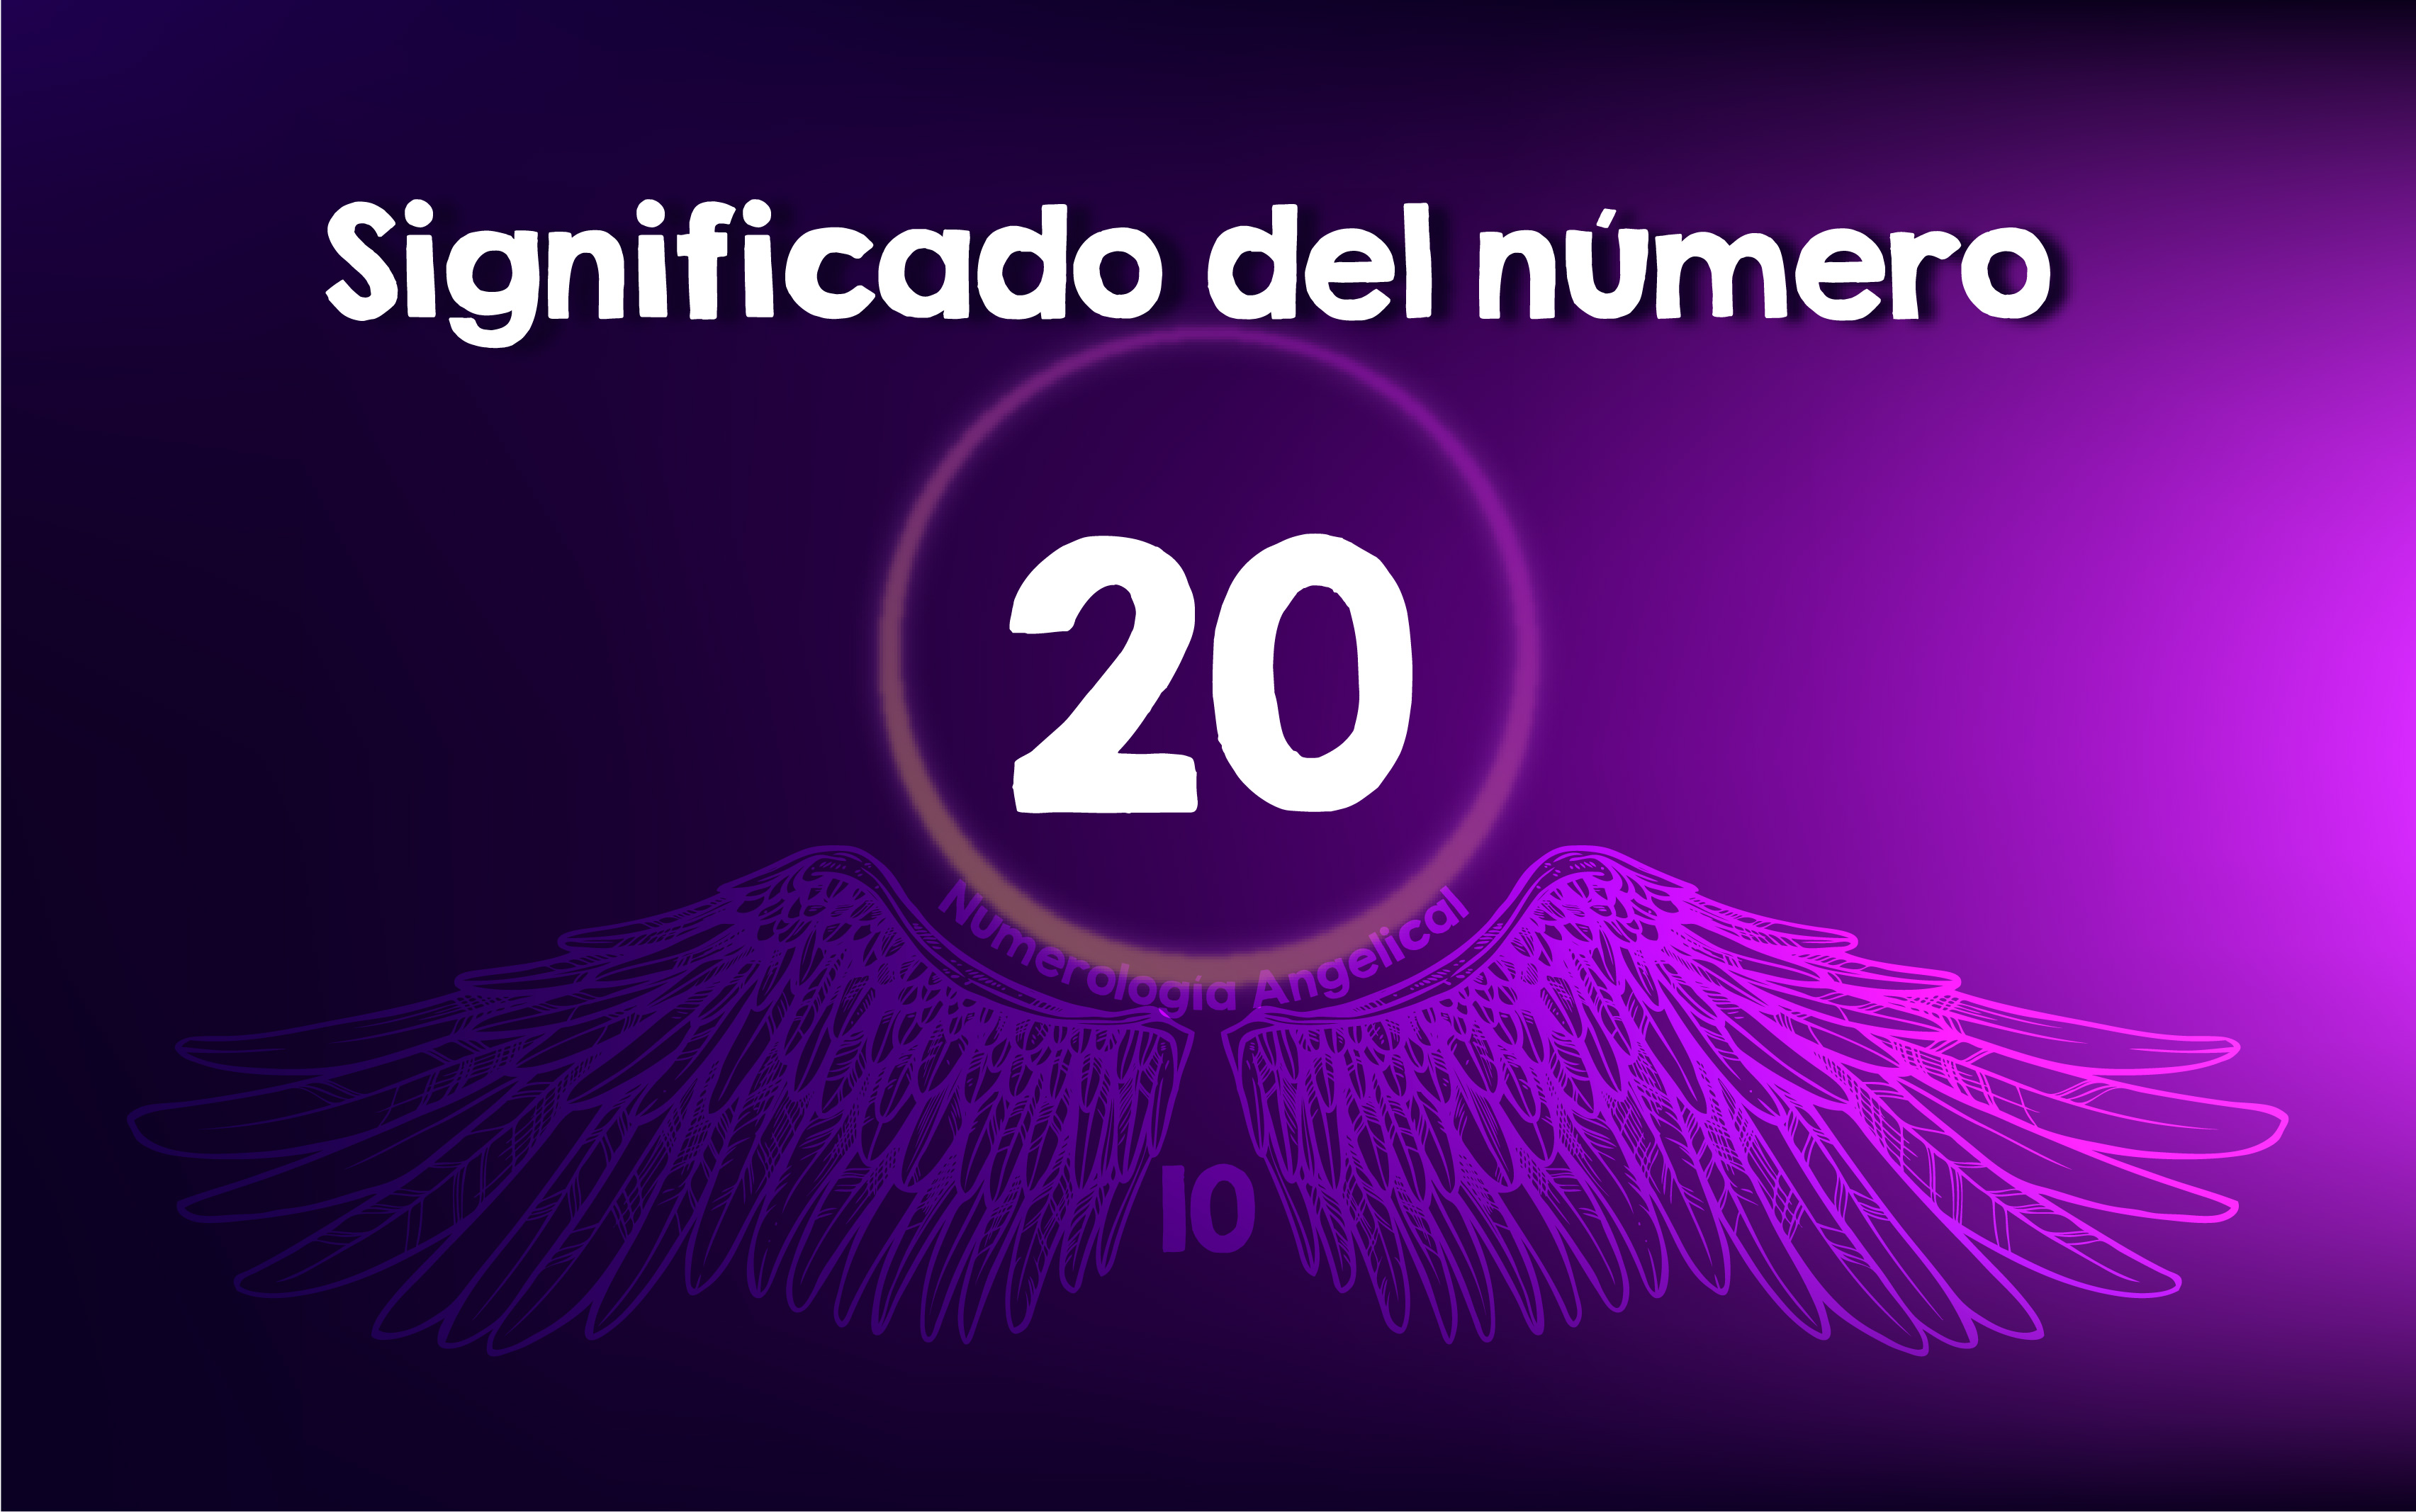 Significado del número 20